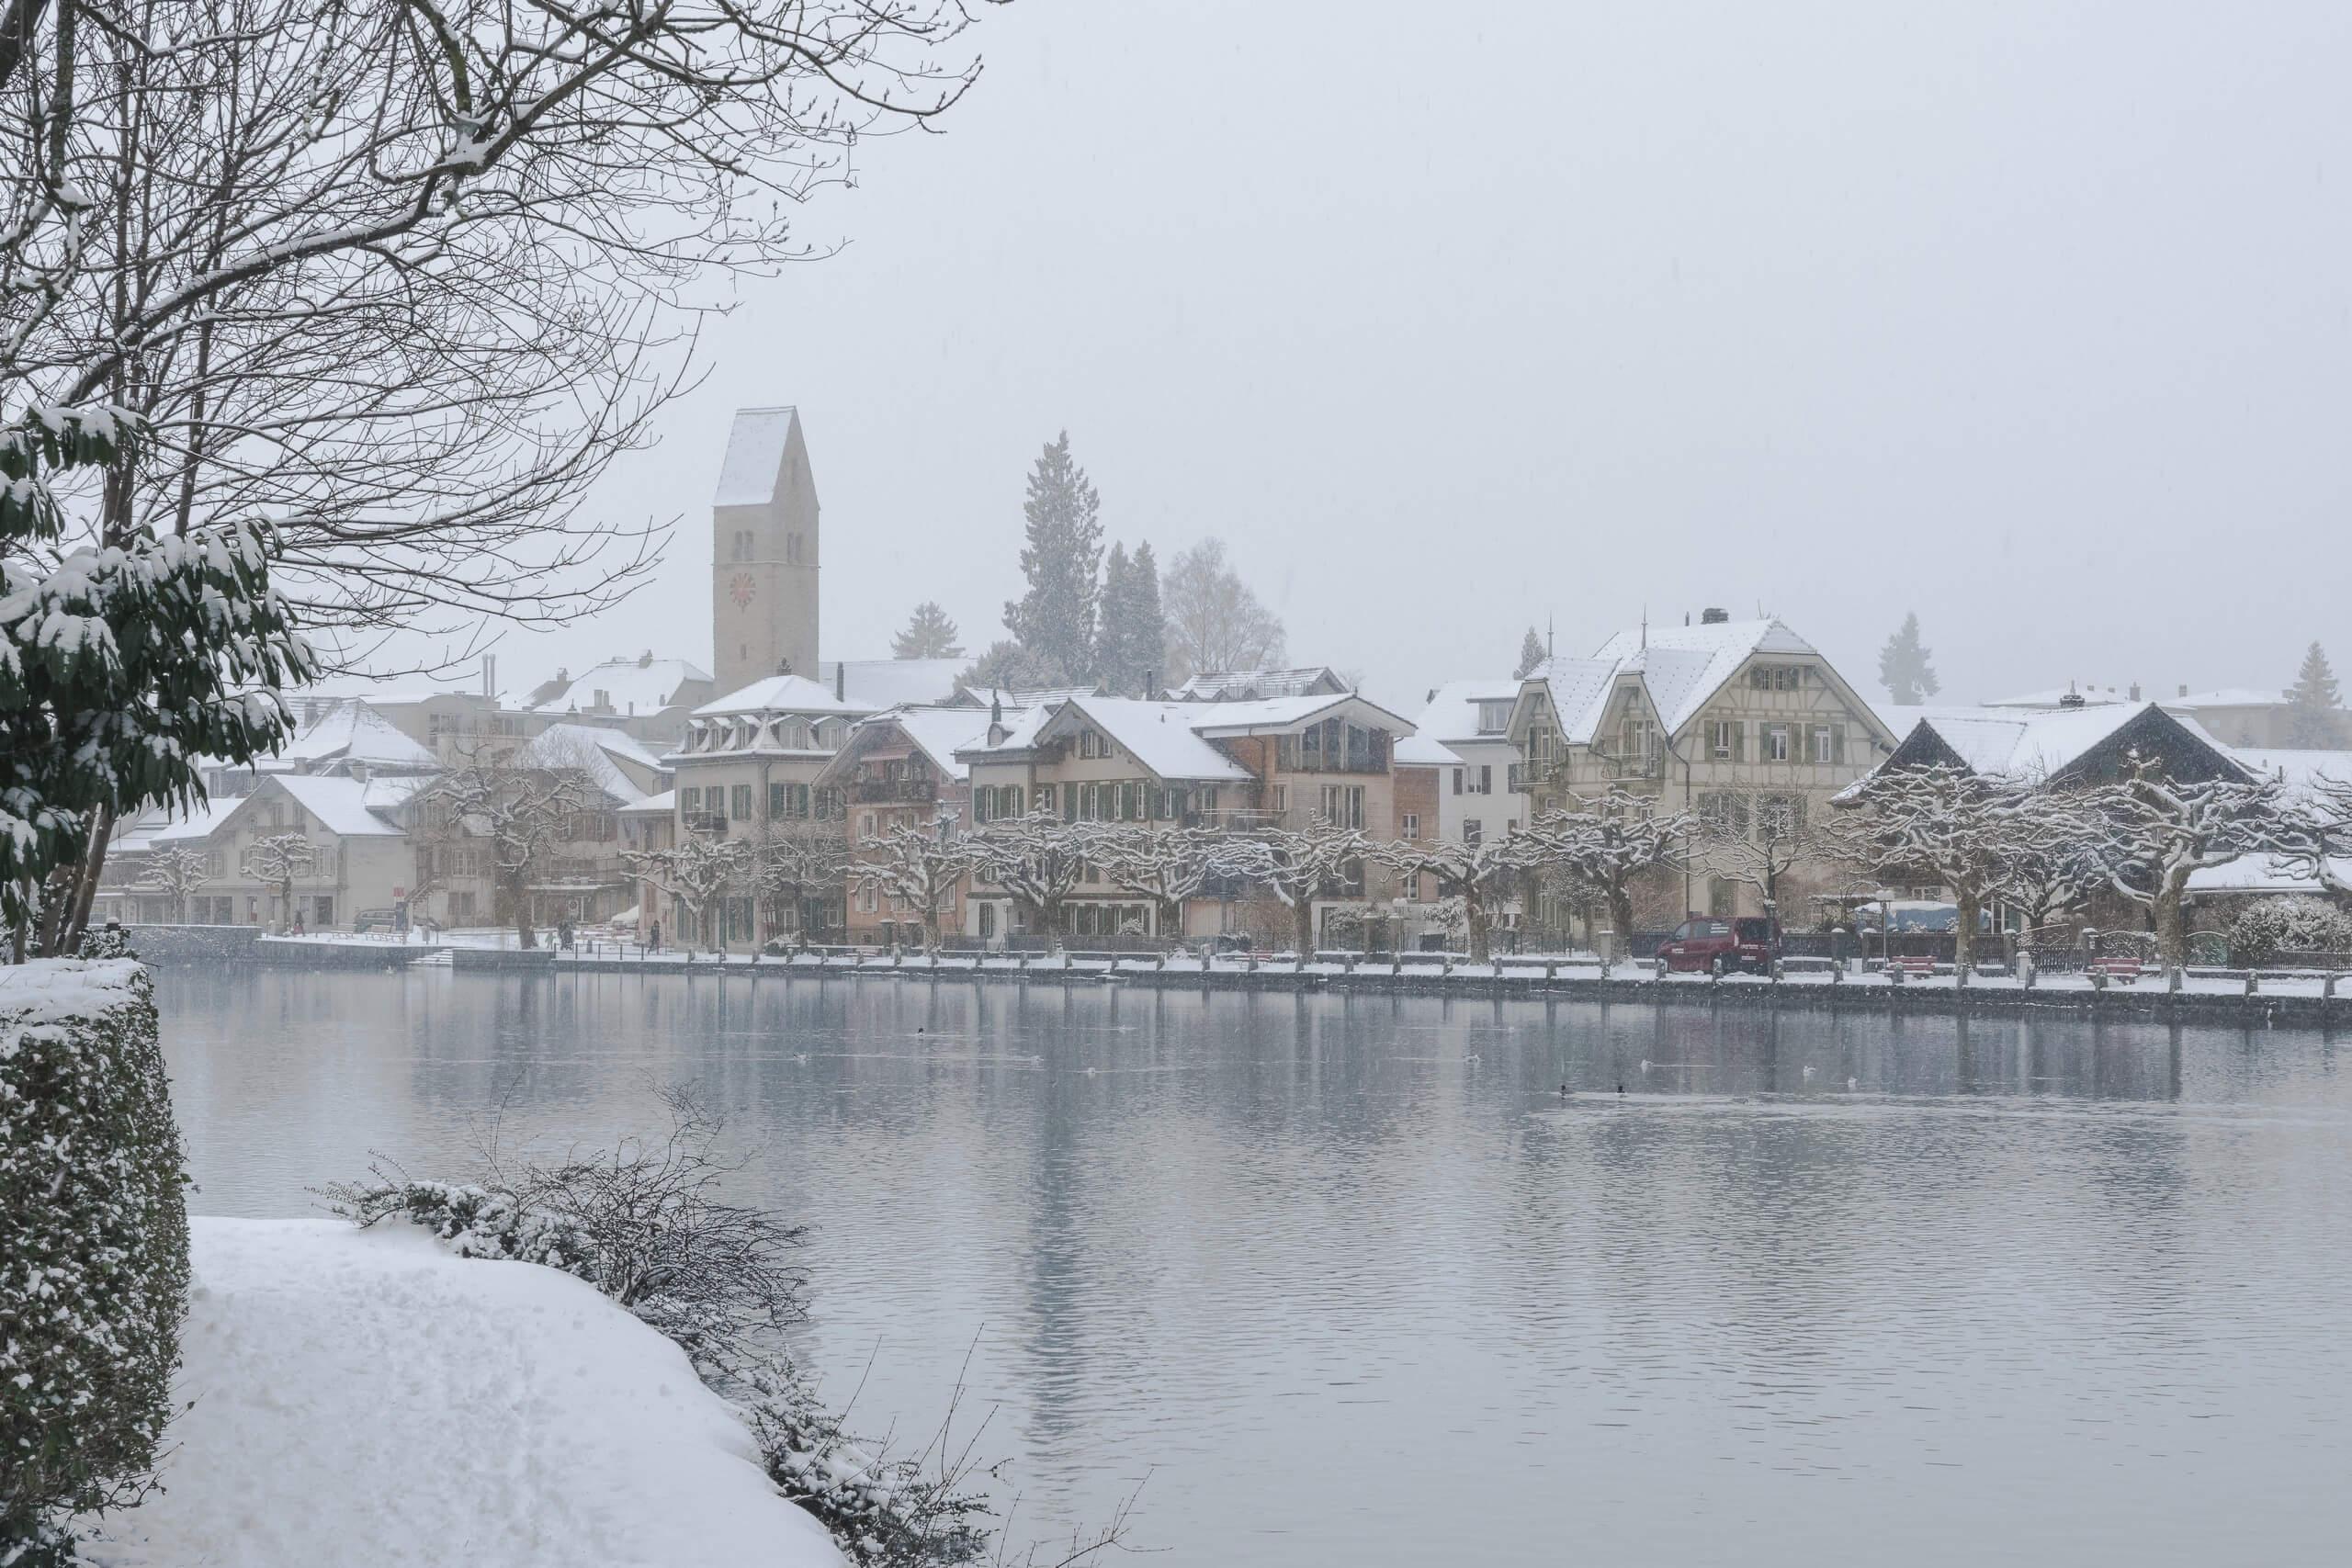 interlaken-unterseen-winter-aare-schnee-nebel-regenwettertipps